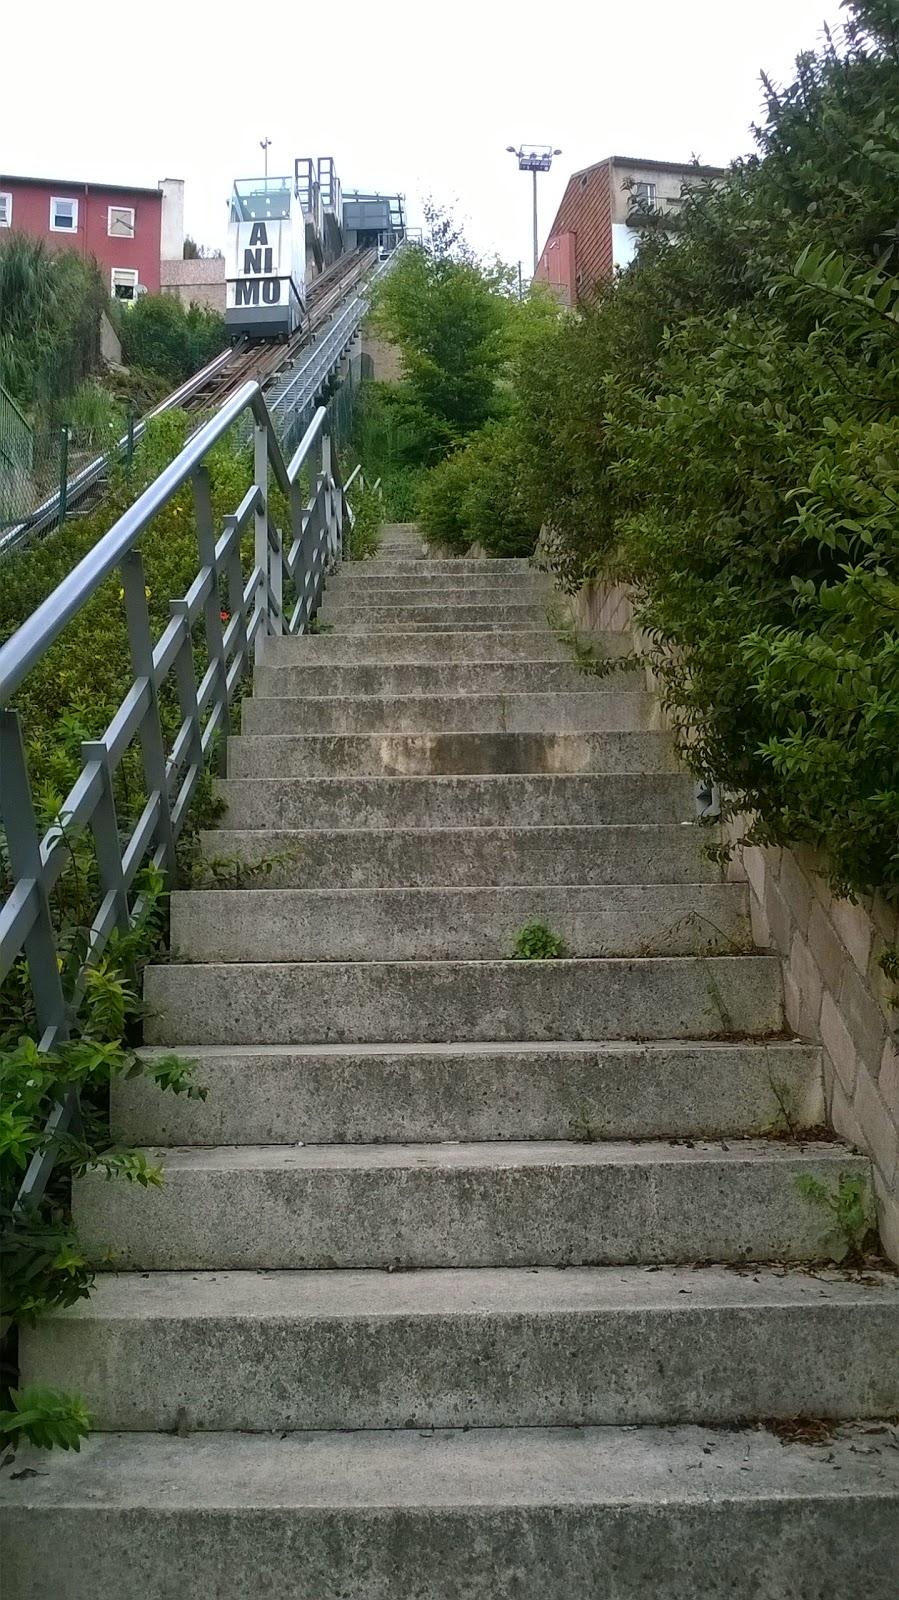 Escenas de santander escaleras al cielo iv for Escaleras villar